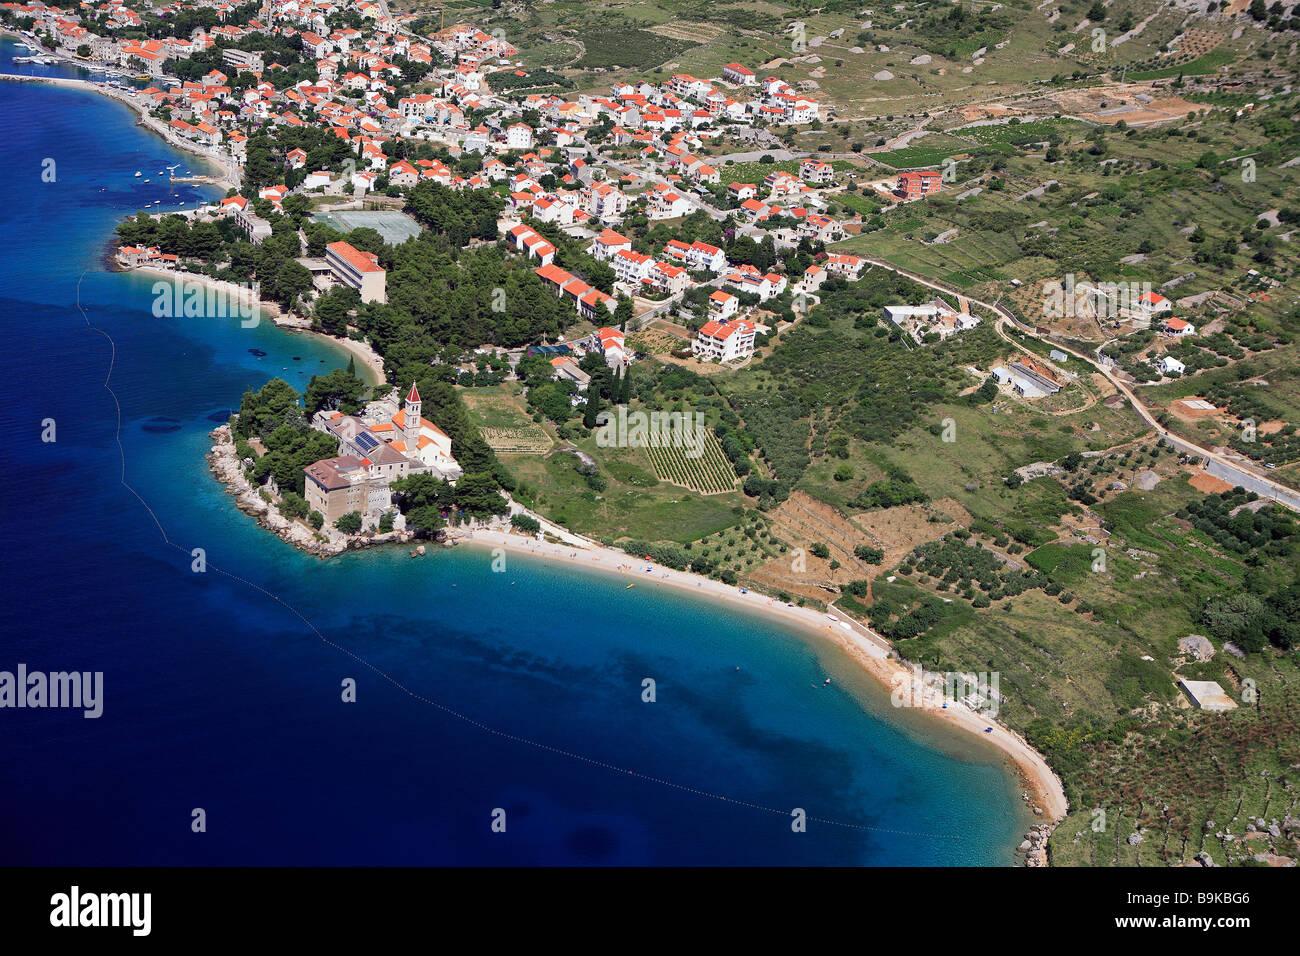 La Croatie, Dalmatie, côte dalmate, île de Brac, Supetar village et plage (vue aérienne) Photo Stock